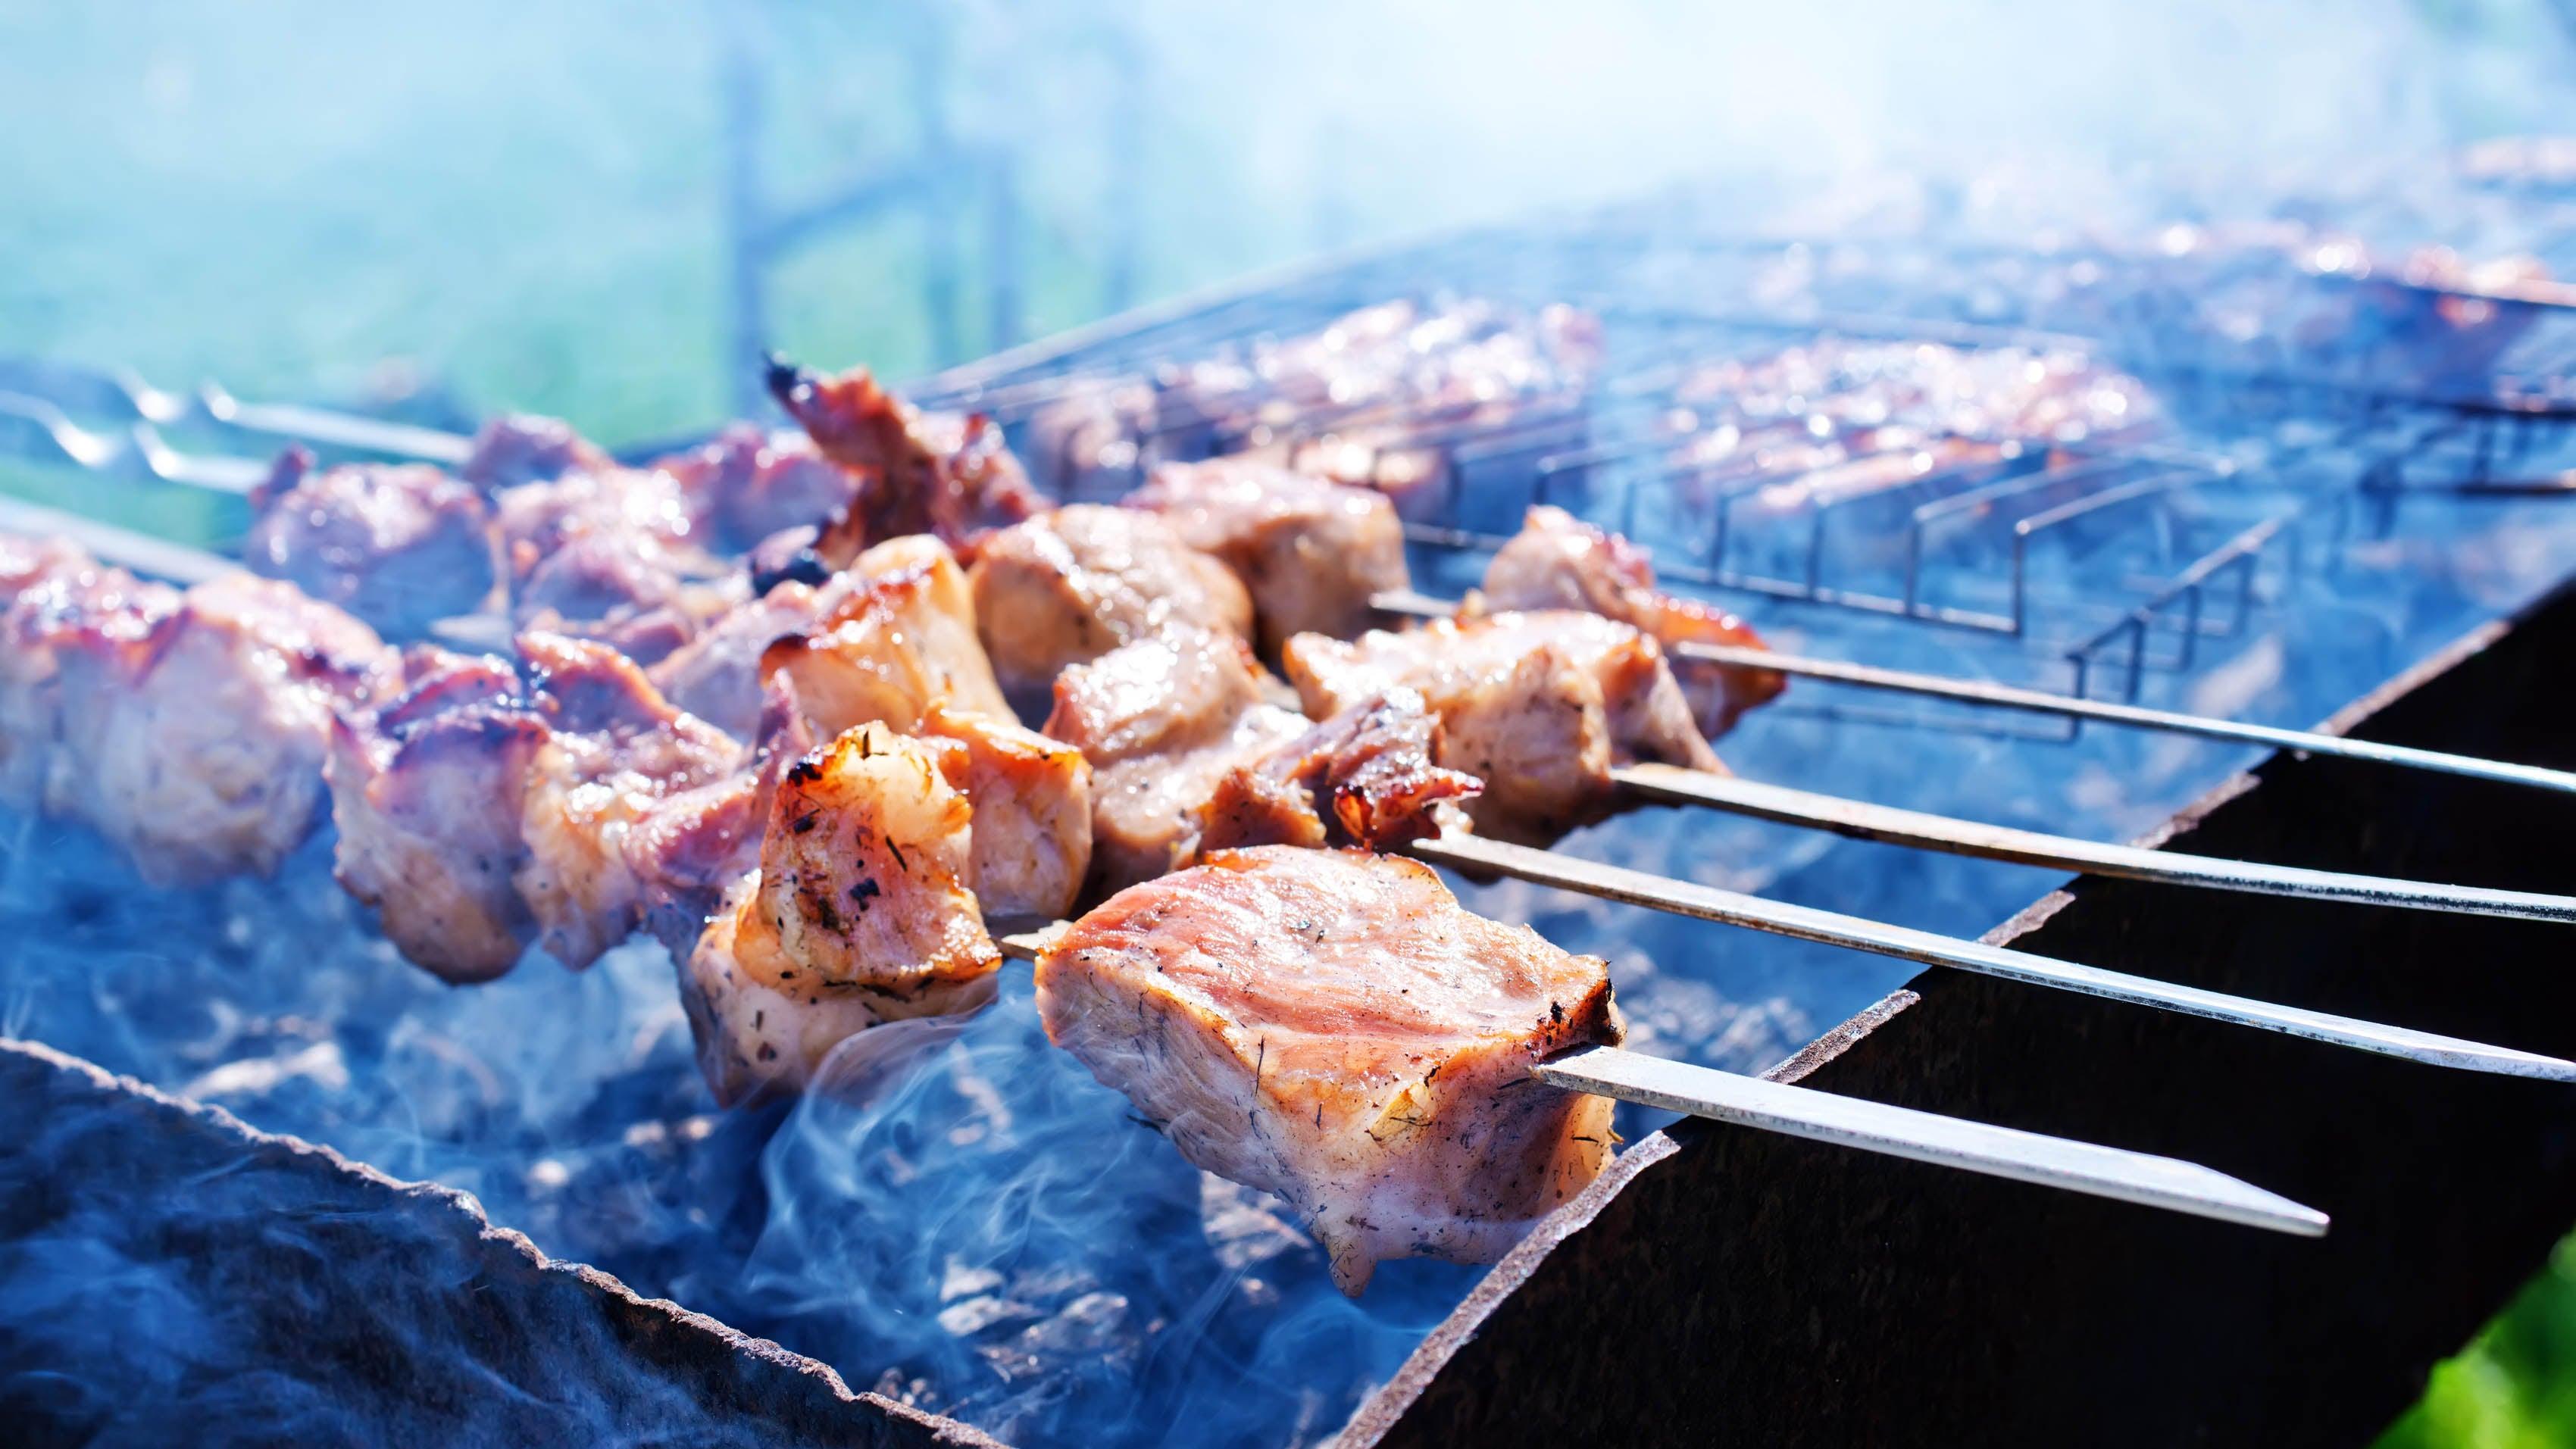 Gefahr beim Grillen: Krebserregende Stoffe gehen unter die Haut